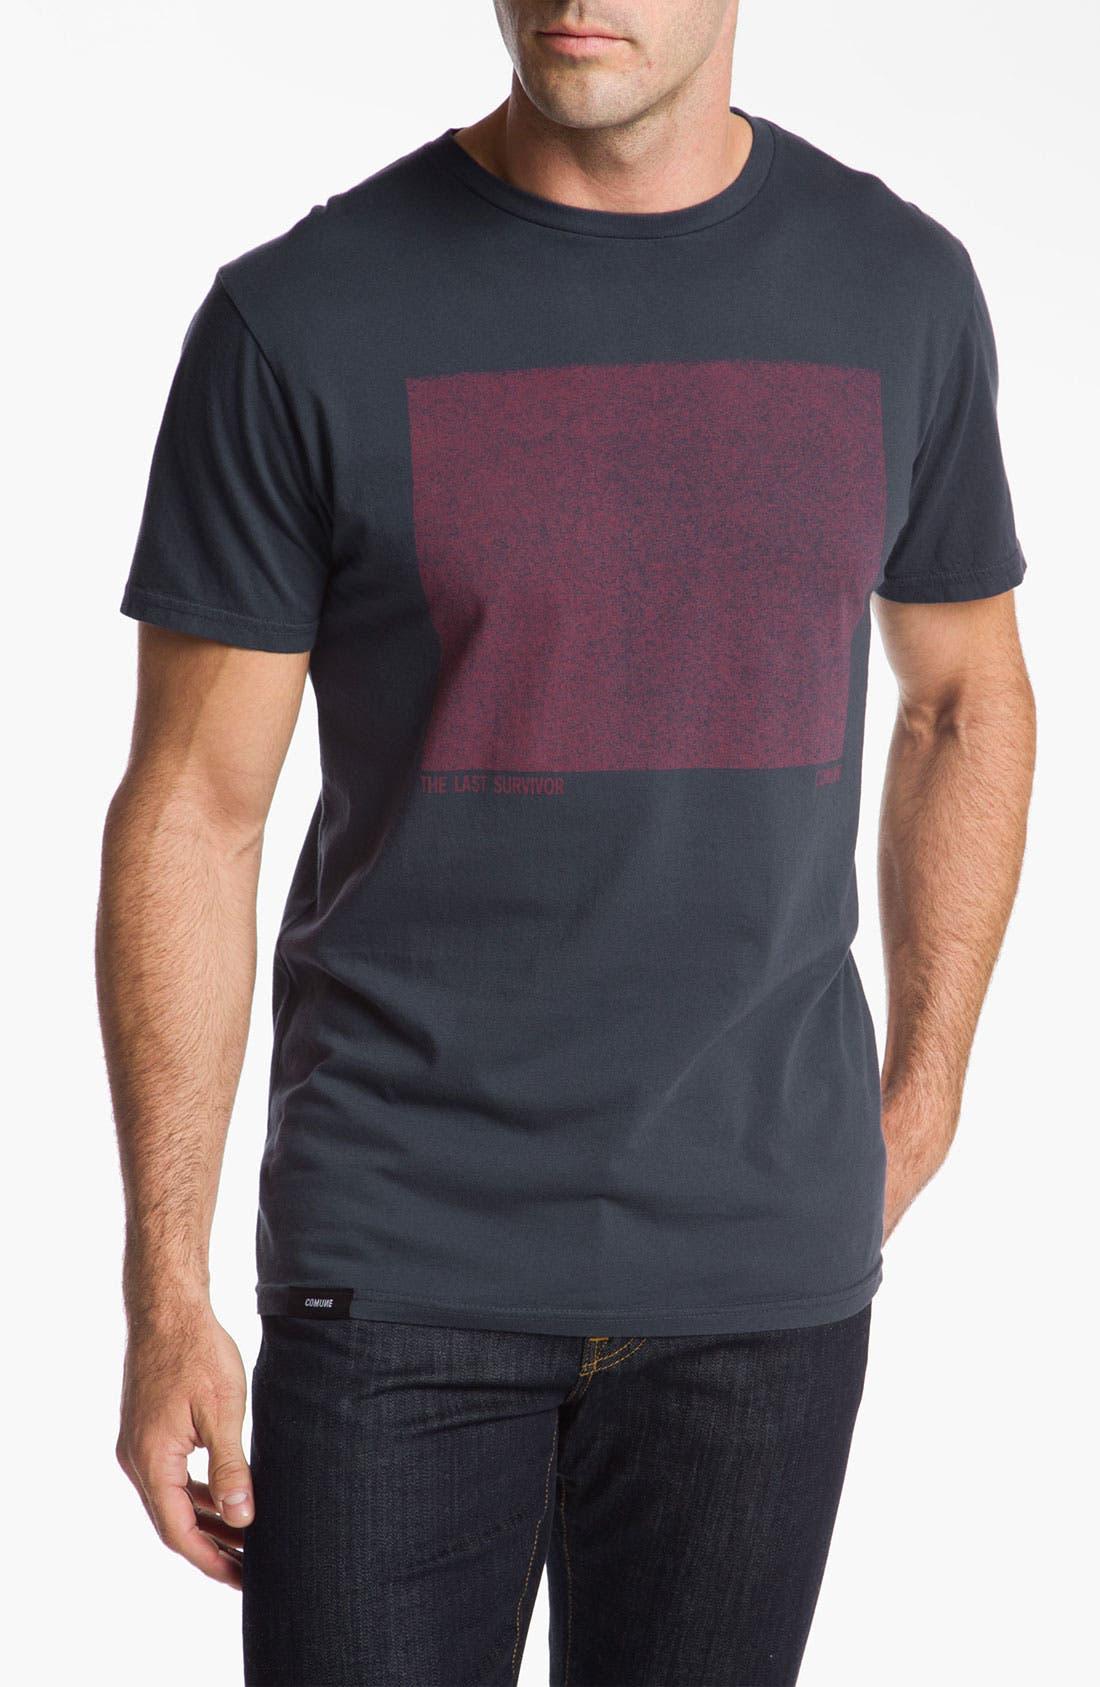 Main Image - Comune 'Last Survivor' Graphic T-Shirt